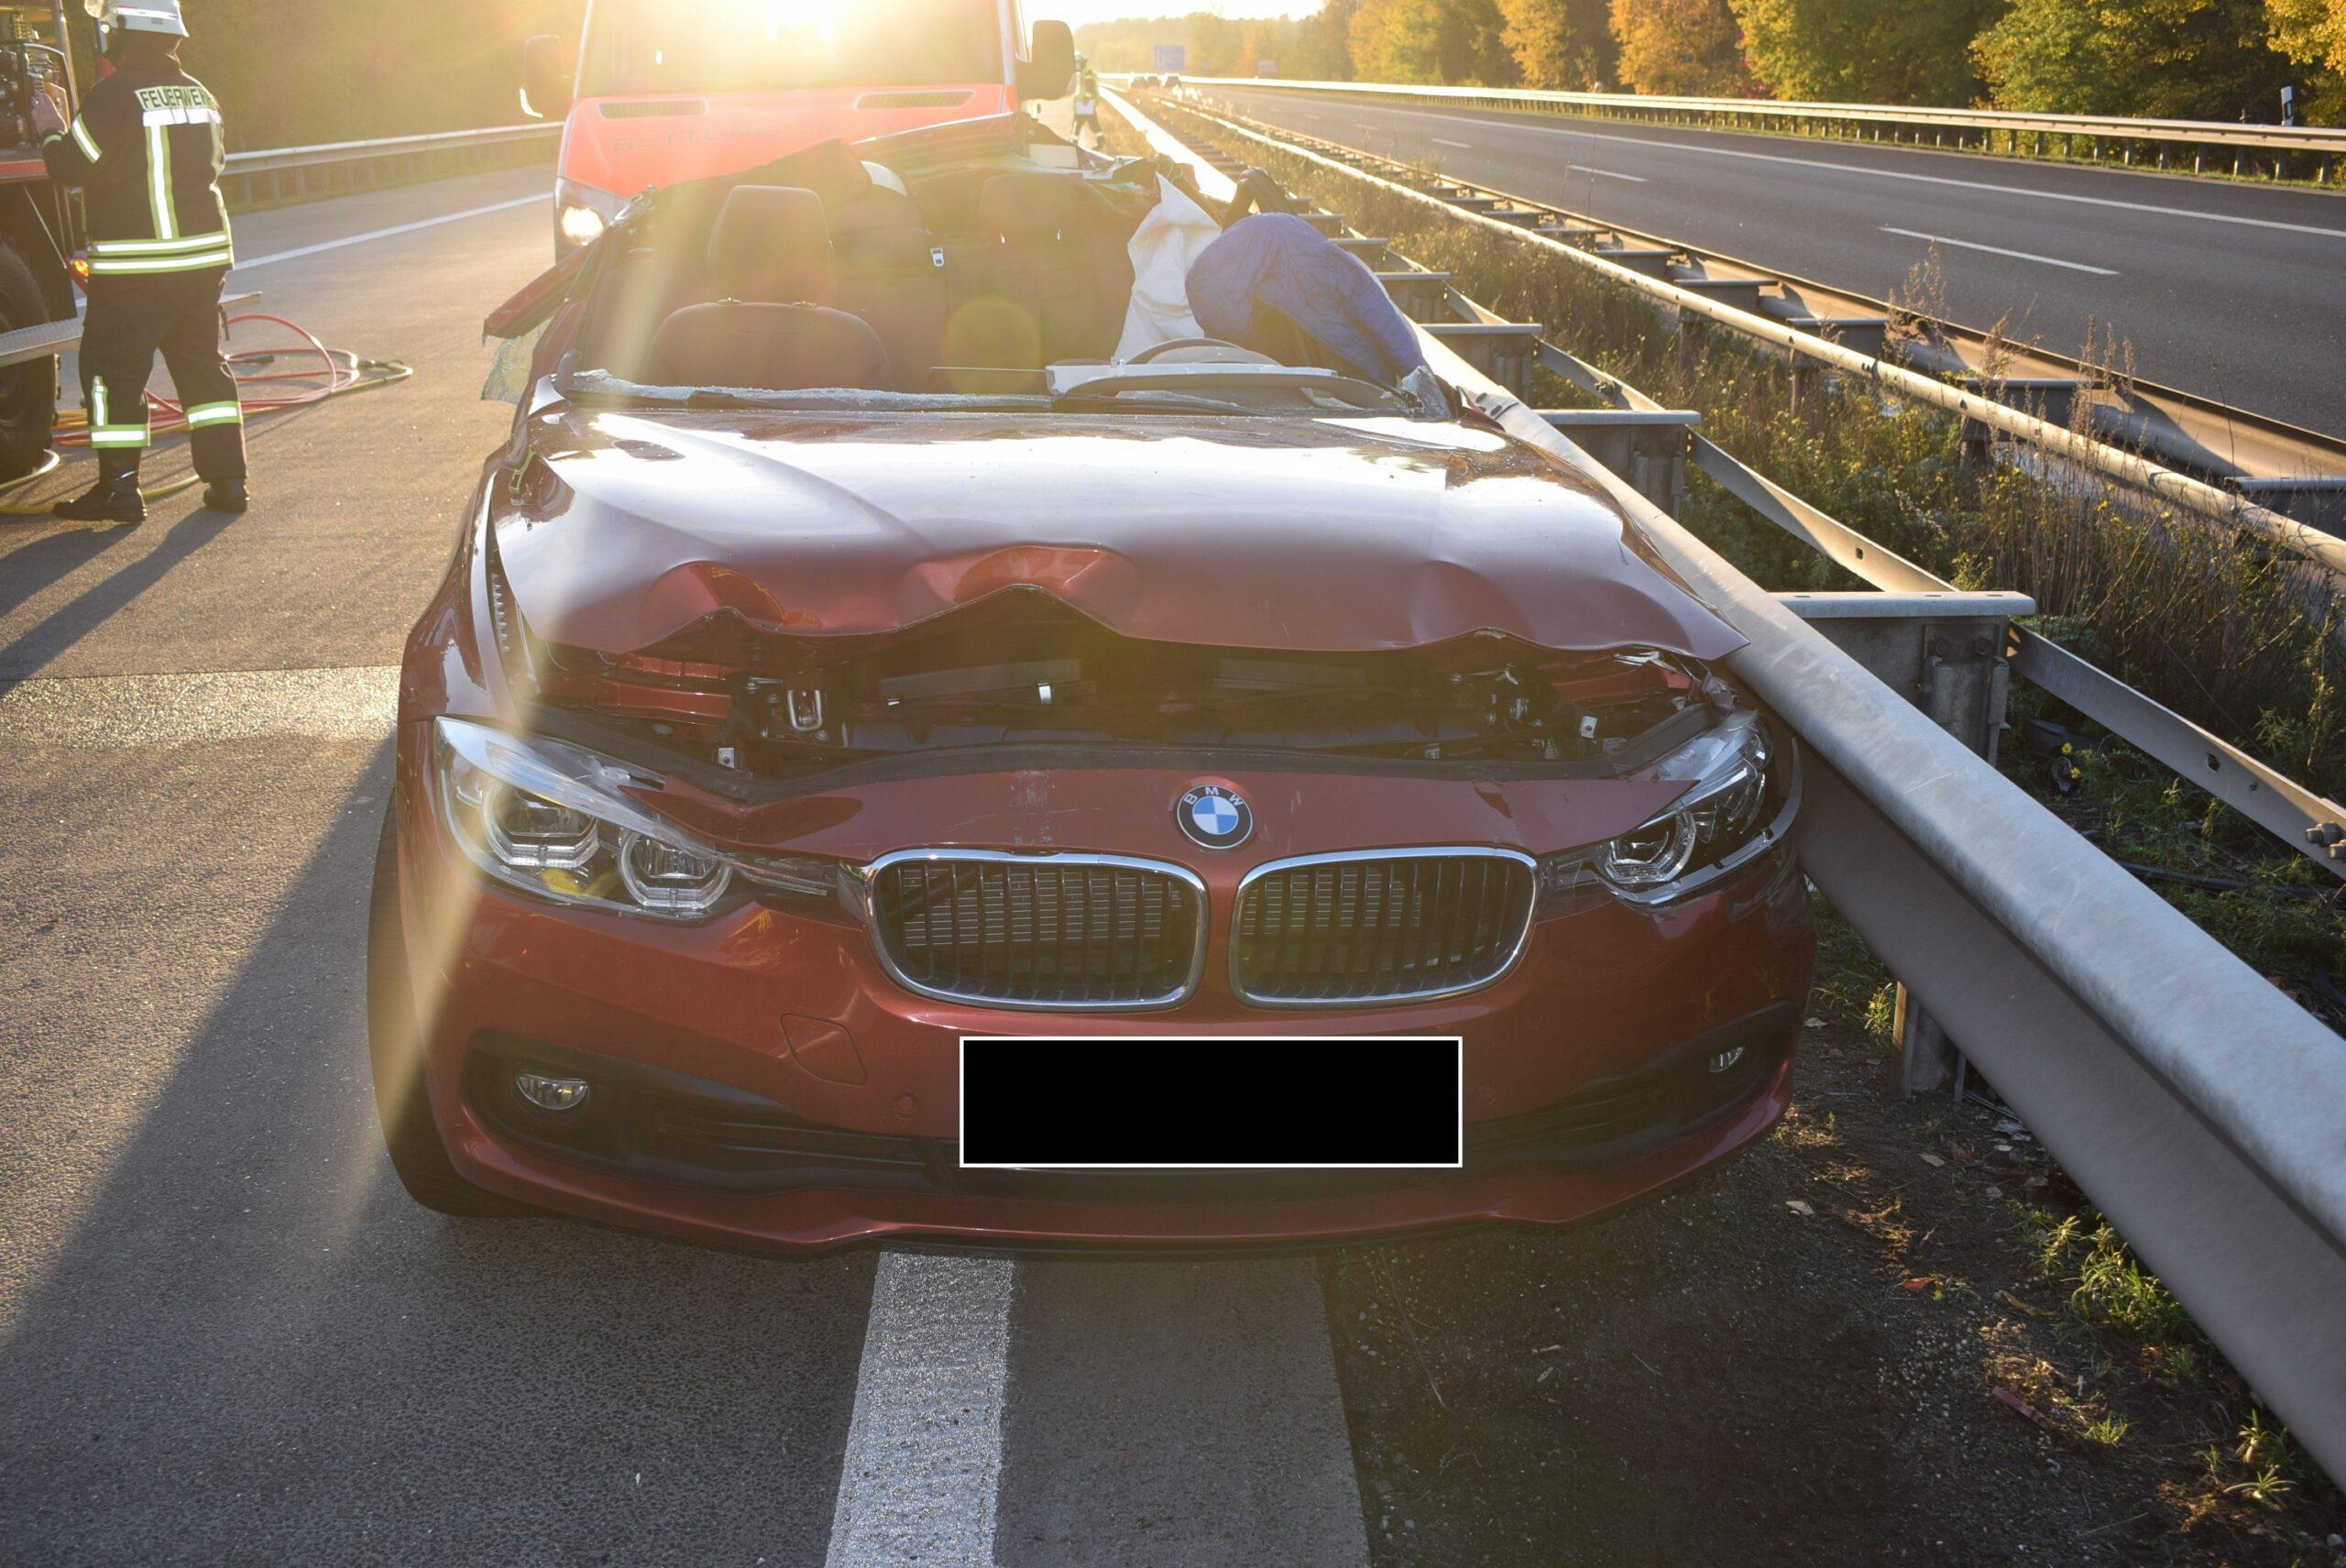 BAB 6, Zwei Schwerverletzte bei Verkehrsunfall